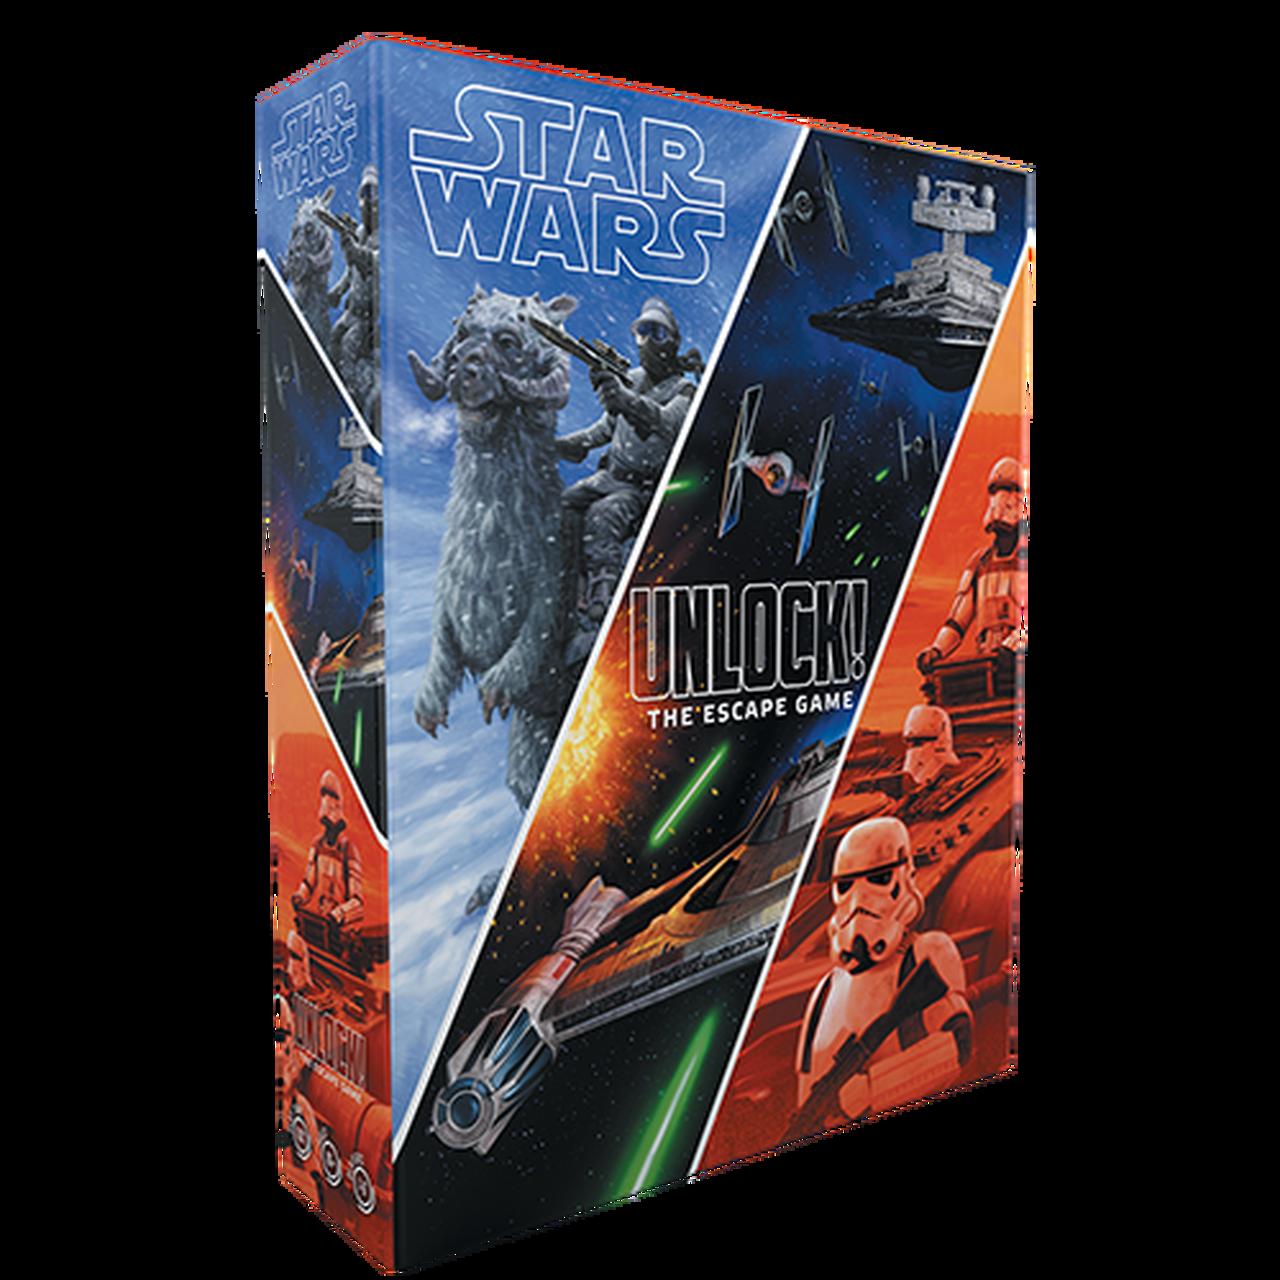 Unlock! : Star Wars Escape Game